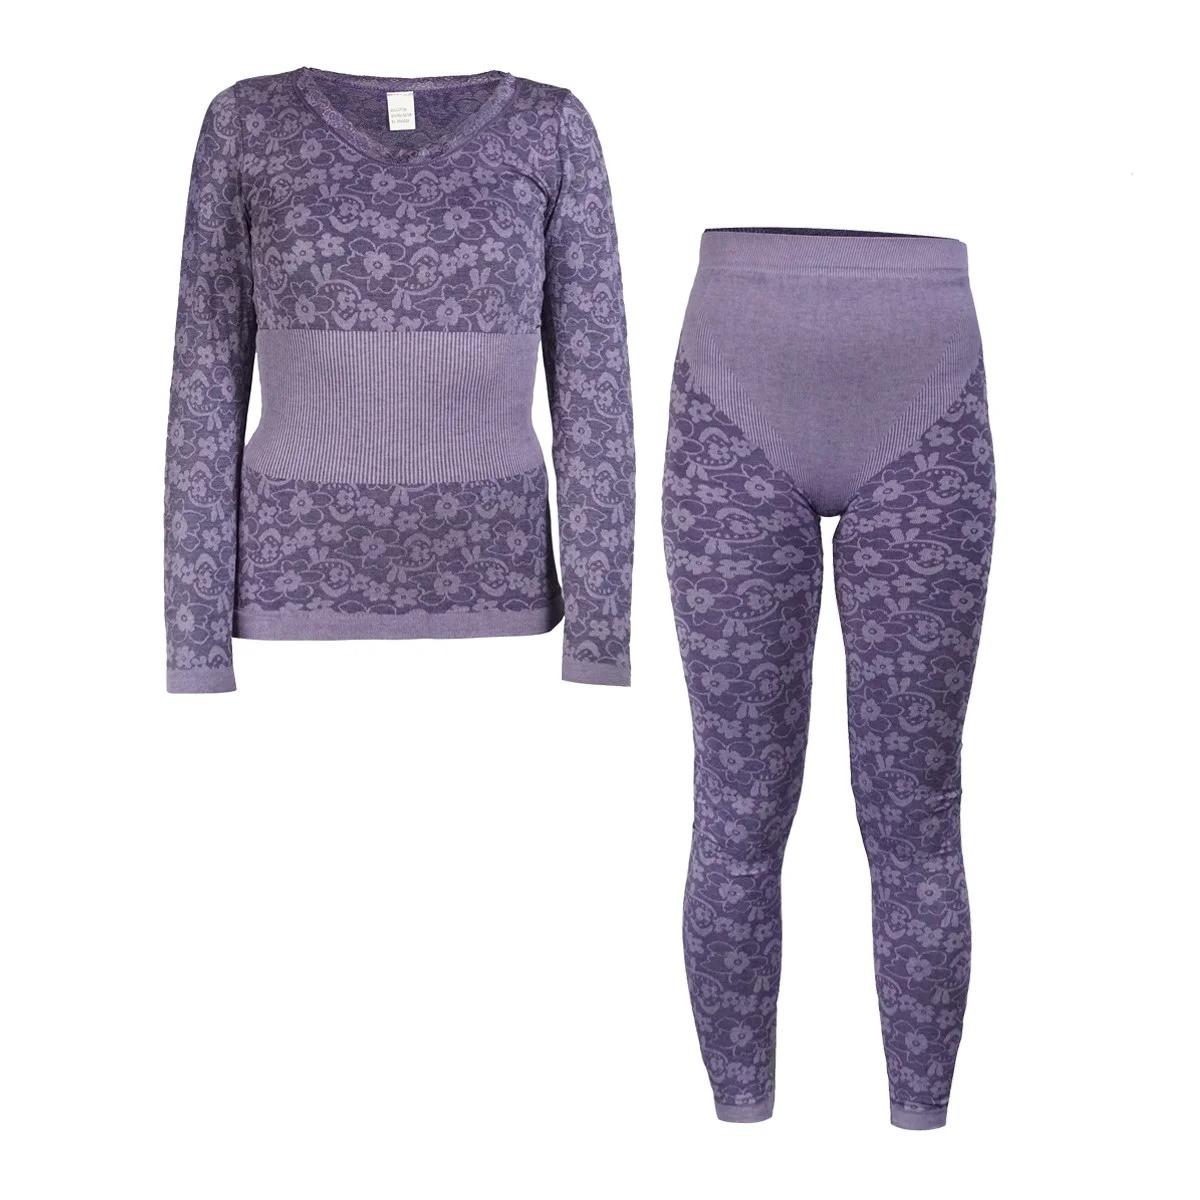 Женское термобелье Фиолетовое, зимнее термобельё для женщин для повседневной носки с доставкой (NS)